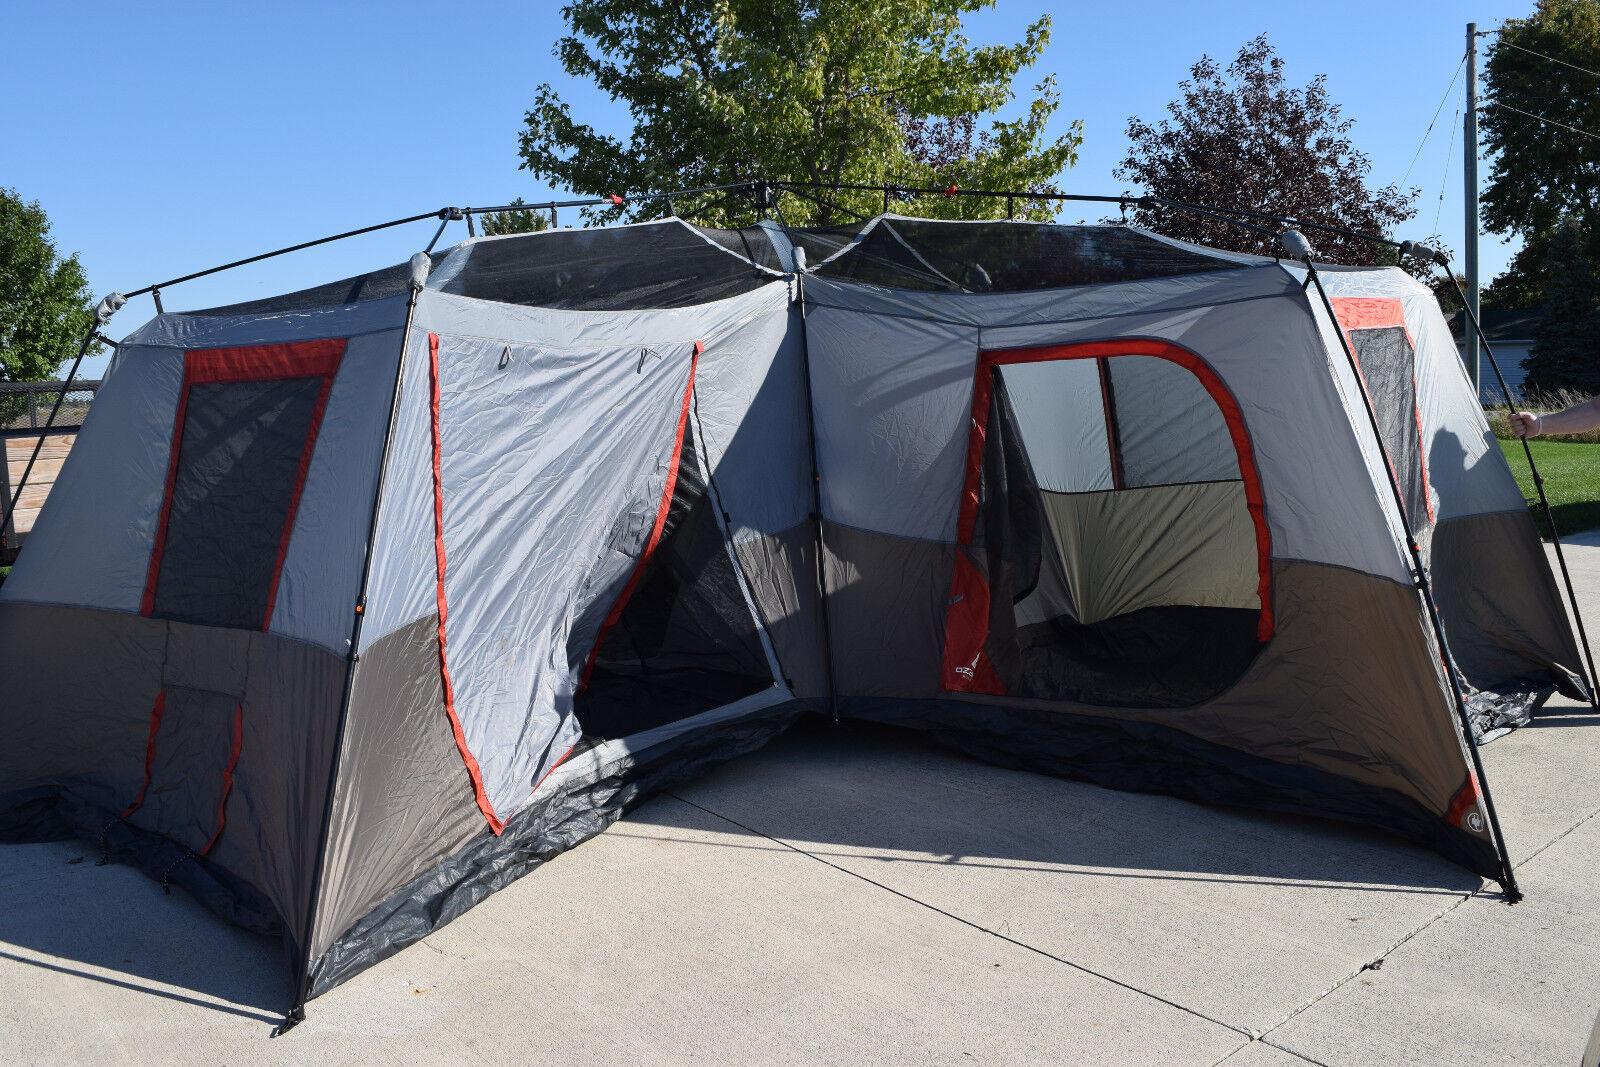 Ozark 16 X 16 Cabin Tent & Ozark Trail 16x16 Instant Cabin